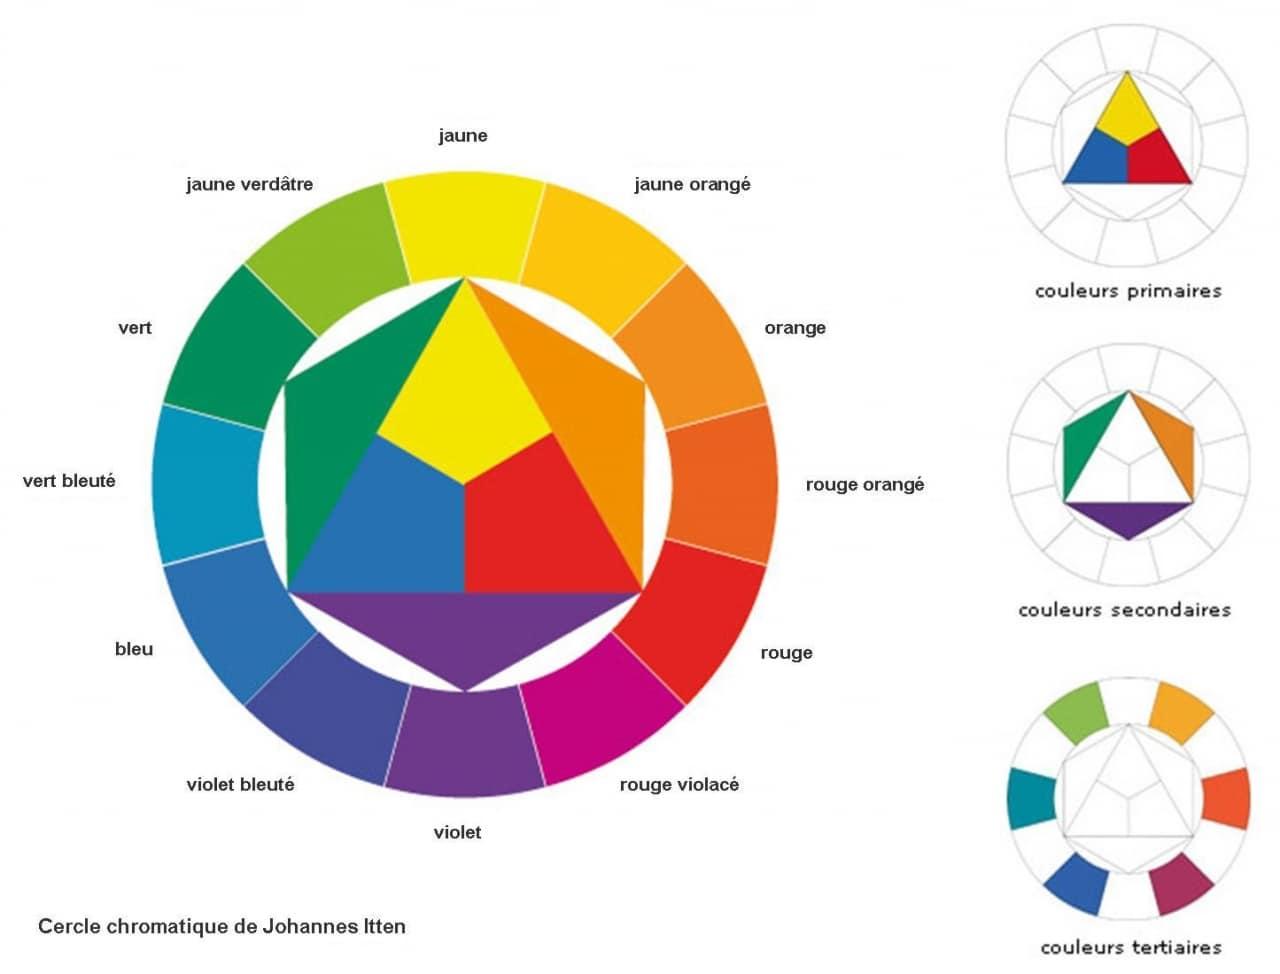 30866f6602546a 🚀 Graphisme   10 couleurs et leur signification - AlfangeCom